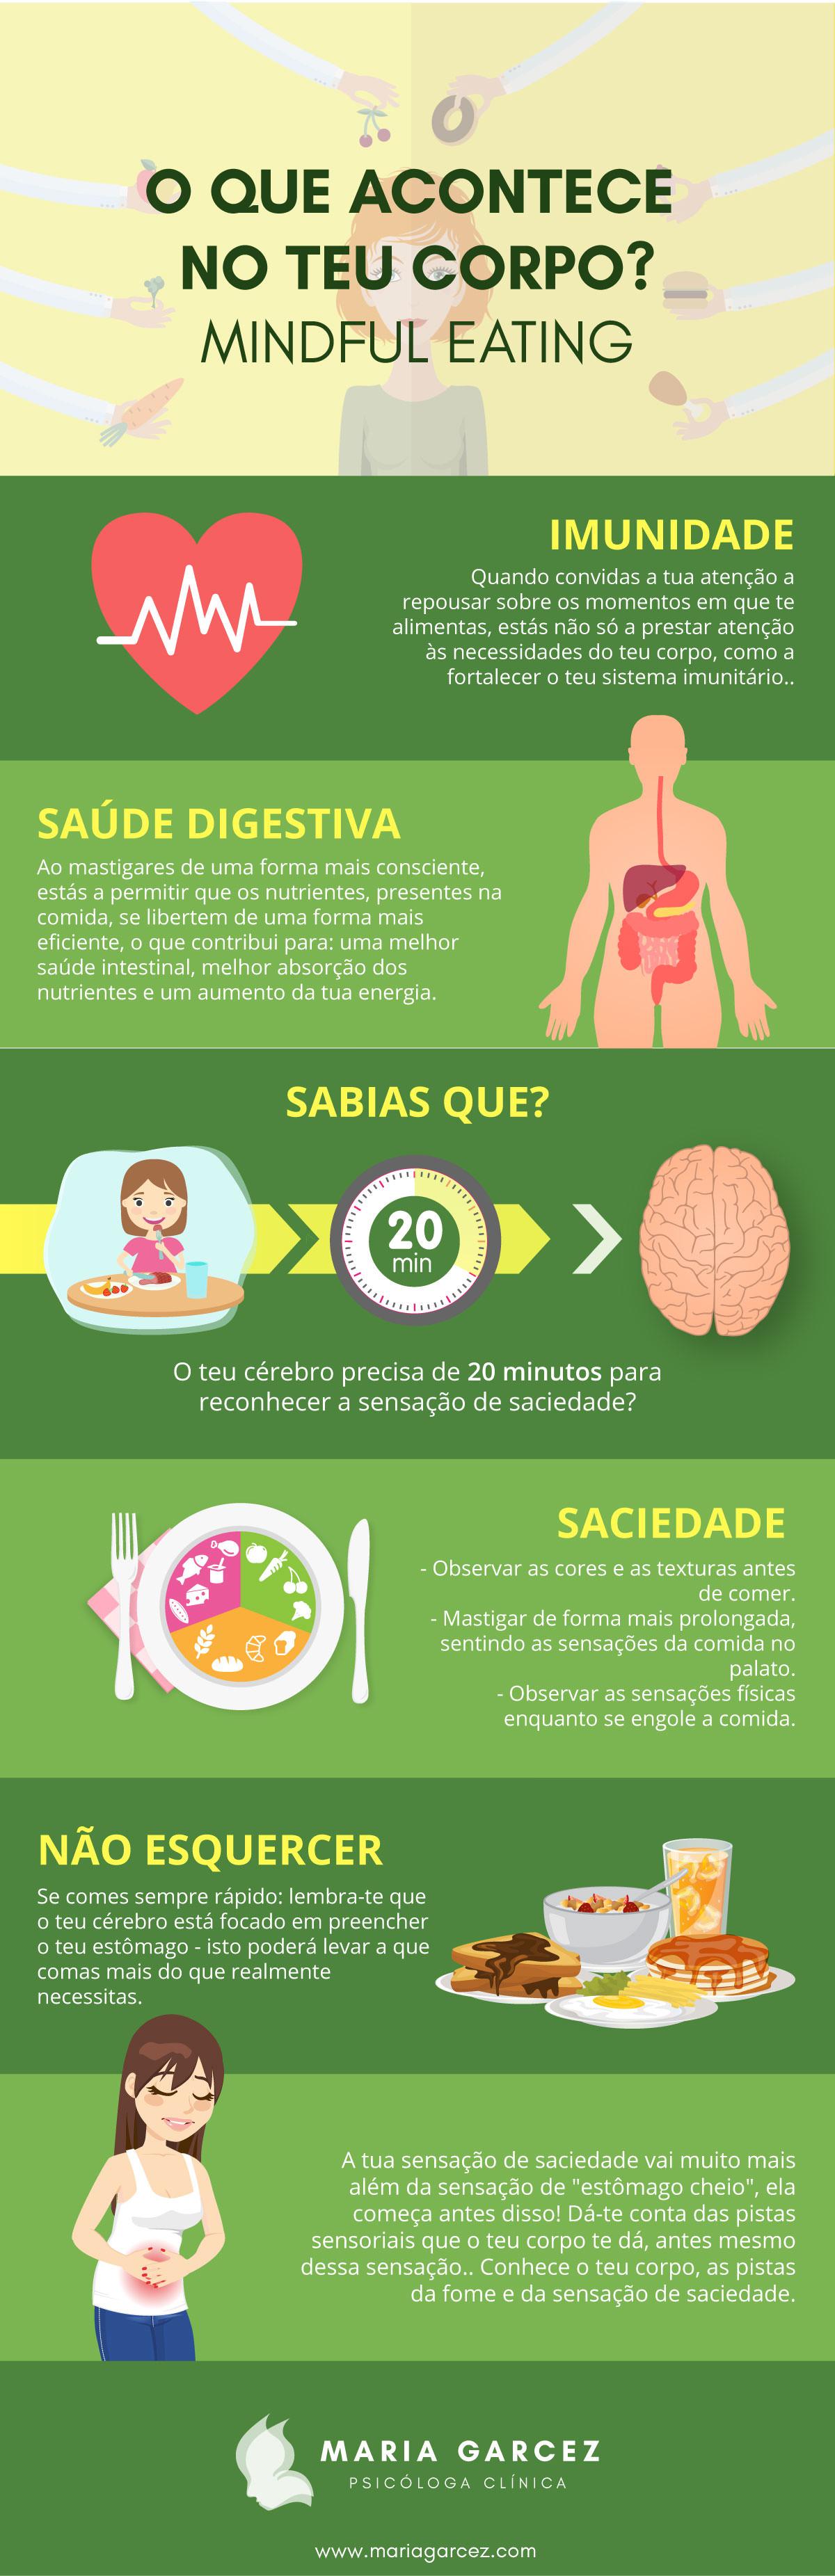 Infografico - Alimentação Mindful Eating